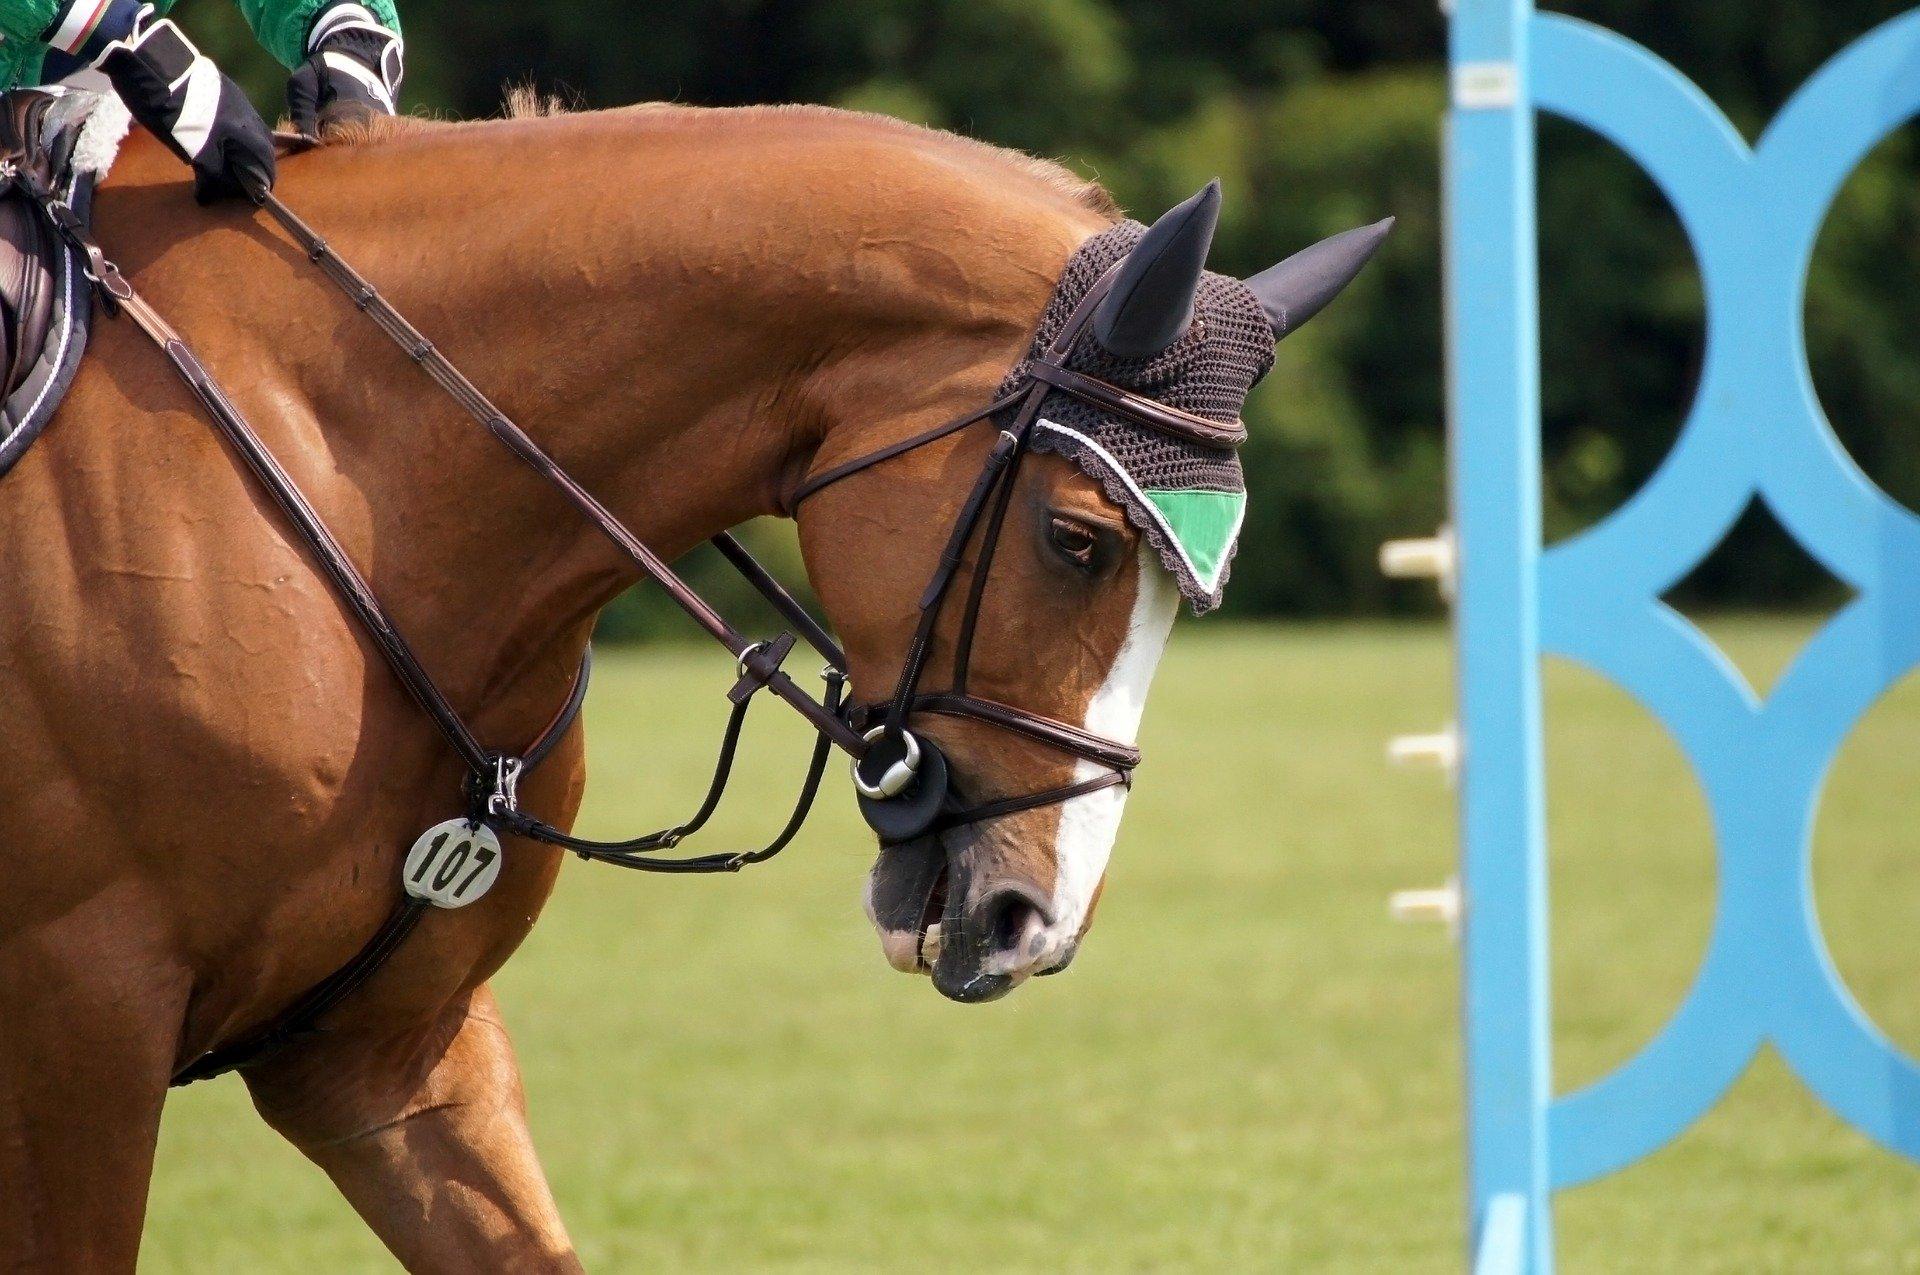 Konie w nausznikach najczęściej widywane są na zawodach